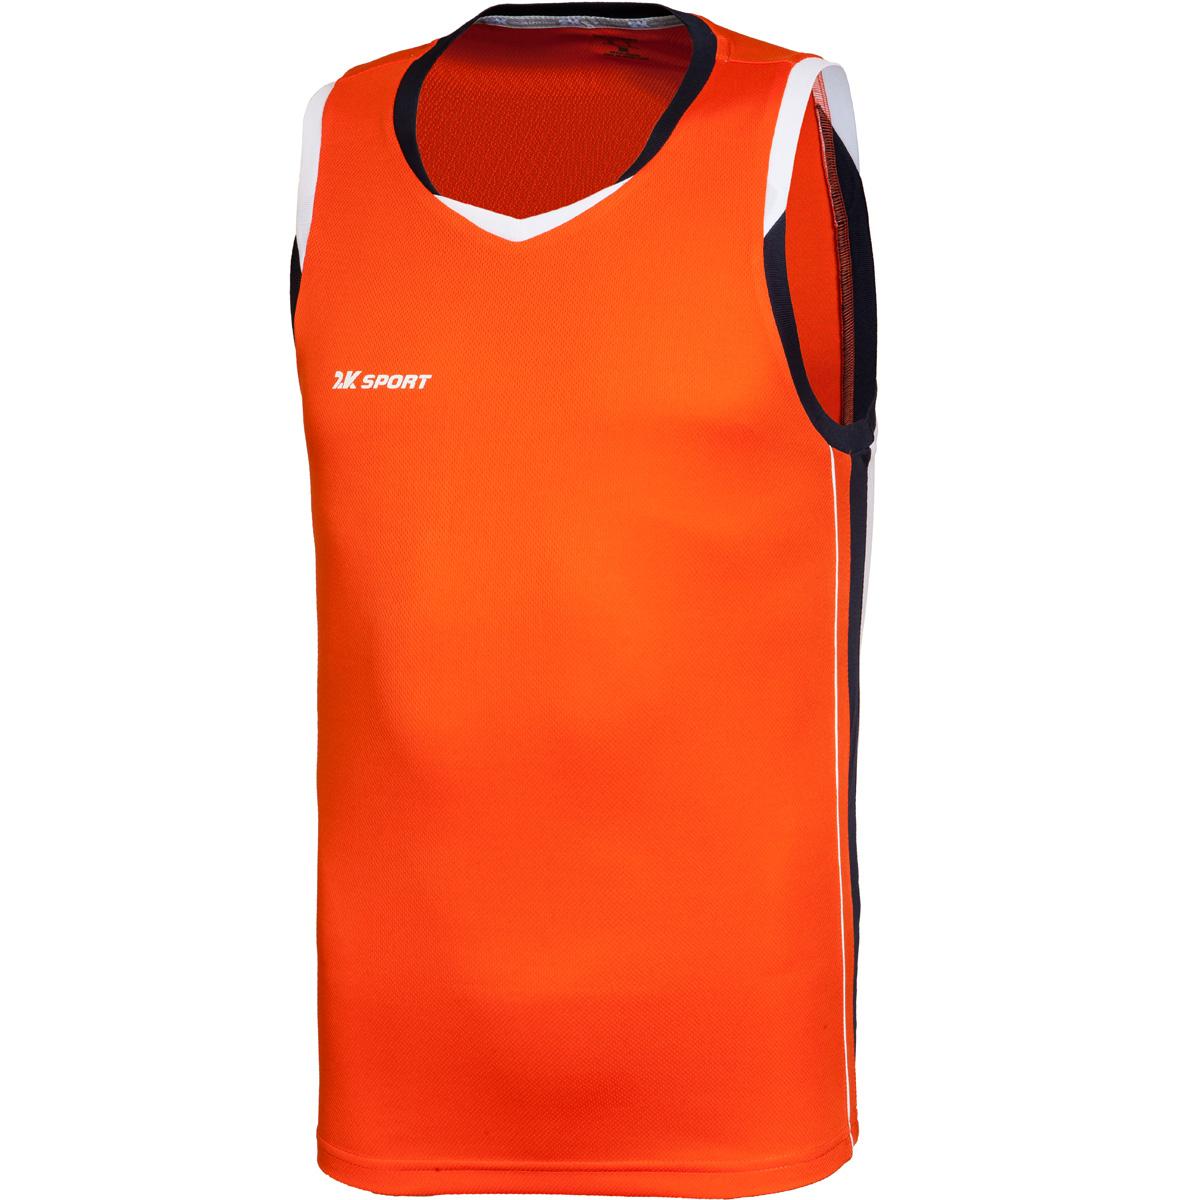 Майка баскетбольная мужская 2K Sport Advance, цвет: оранжевый, темно-синий, белый. 130030. Размер XL (52)130030_orange/navy/whiteПрофессиональная баскетбольная игровая майка от 2K Sport создана для того, чтобы вам ничего не мешало демонстрировать великолепную игру на паркете против самых грозных соперников. Особая сетчатая структура ткани позволяет сделать майку практически невесомой, сохраняя при этом прочность и эластичность. Стильный двухцветный кант по вороту и рукаву. Боковые контрастные вставки.